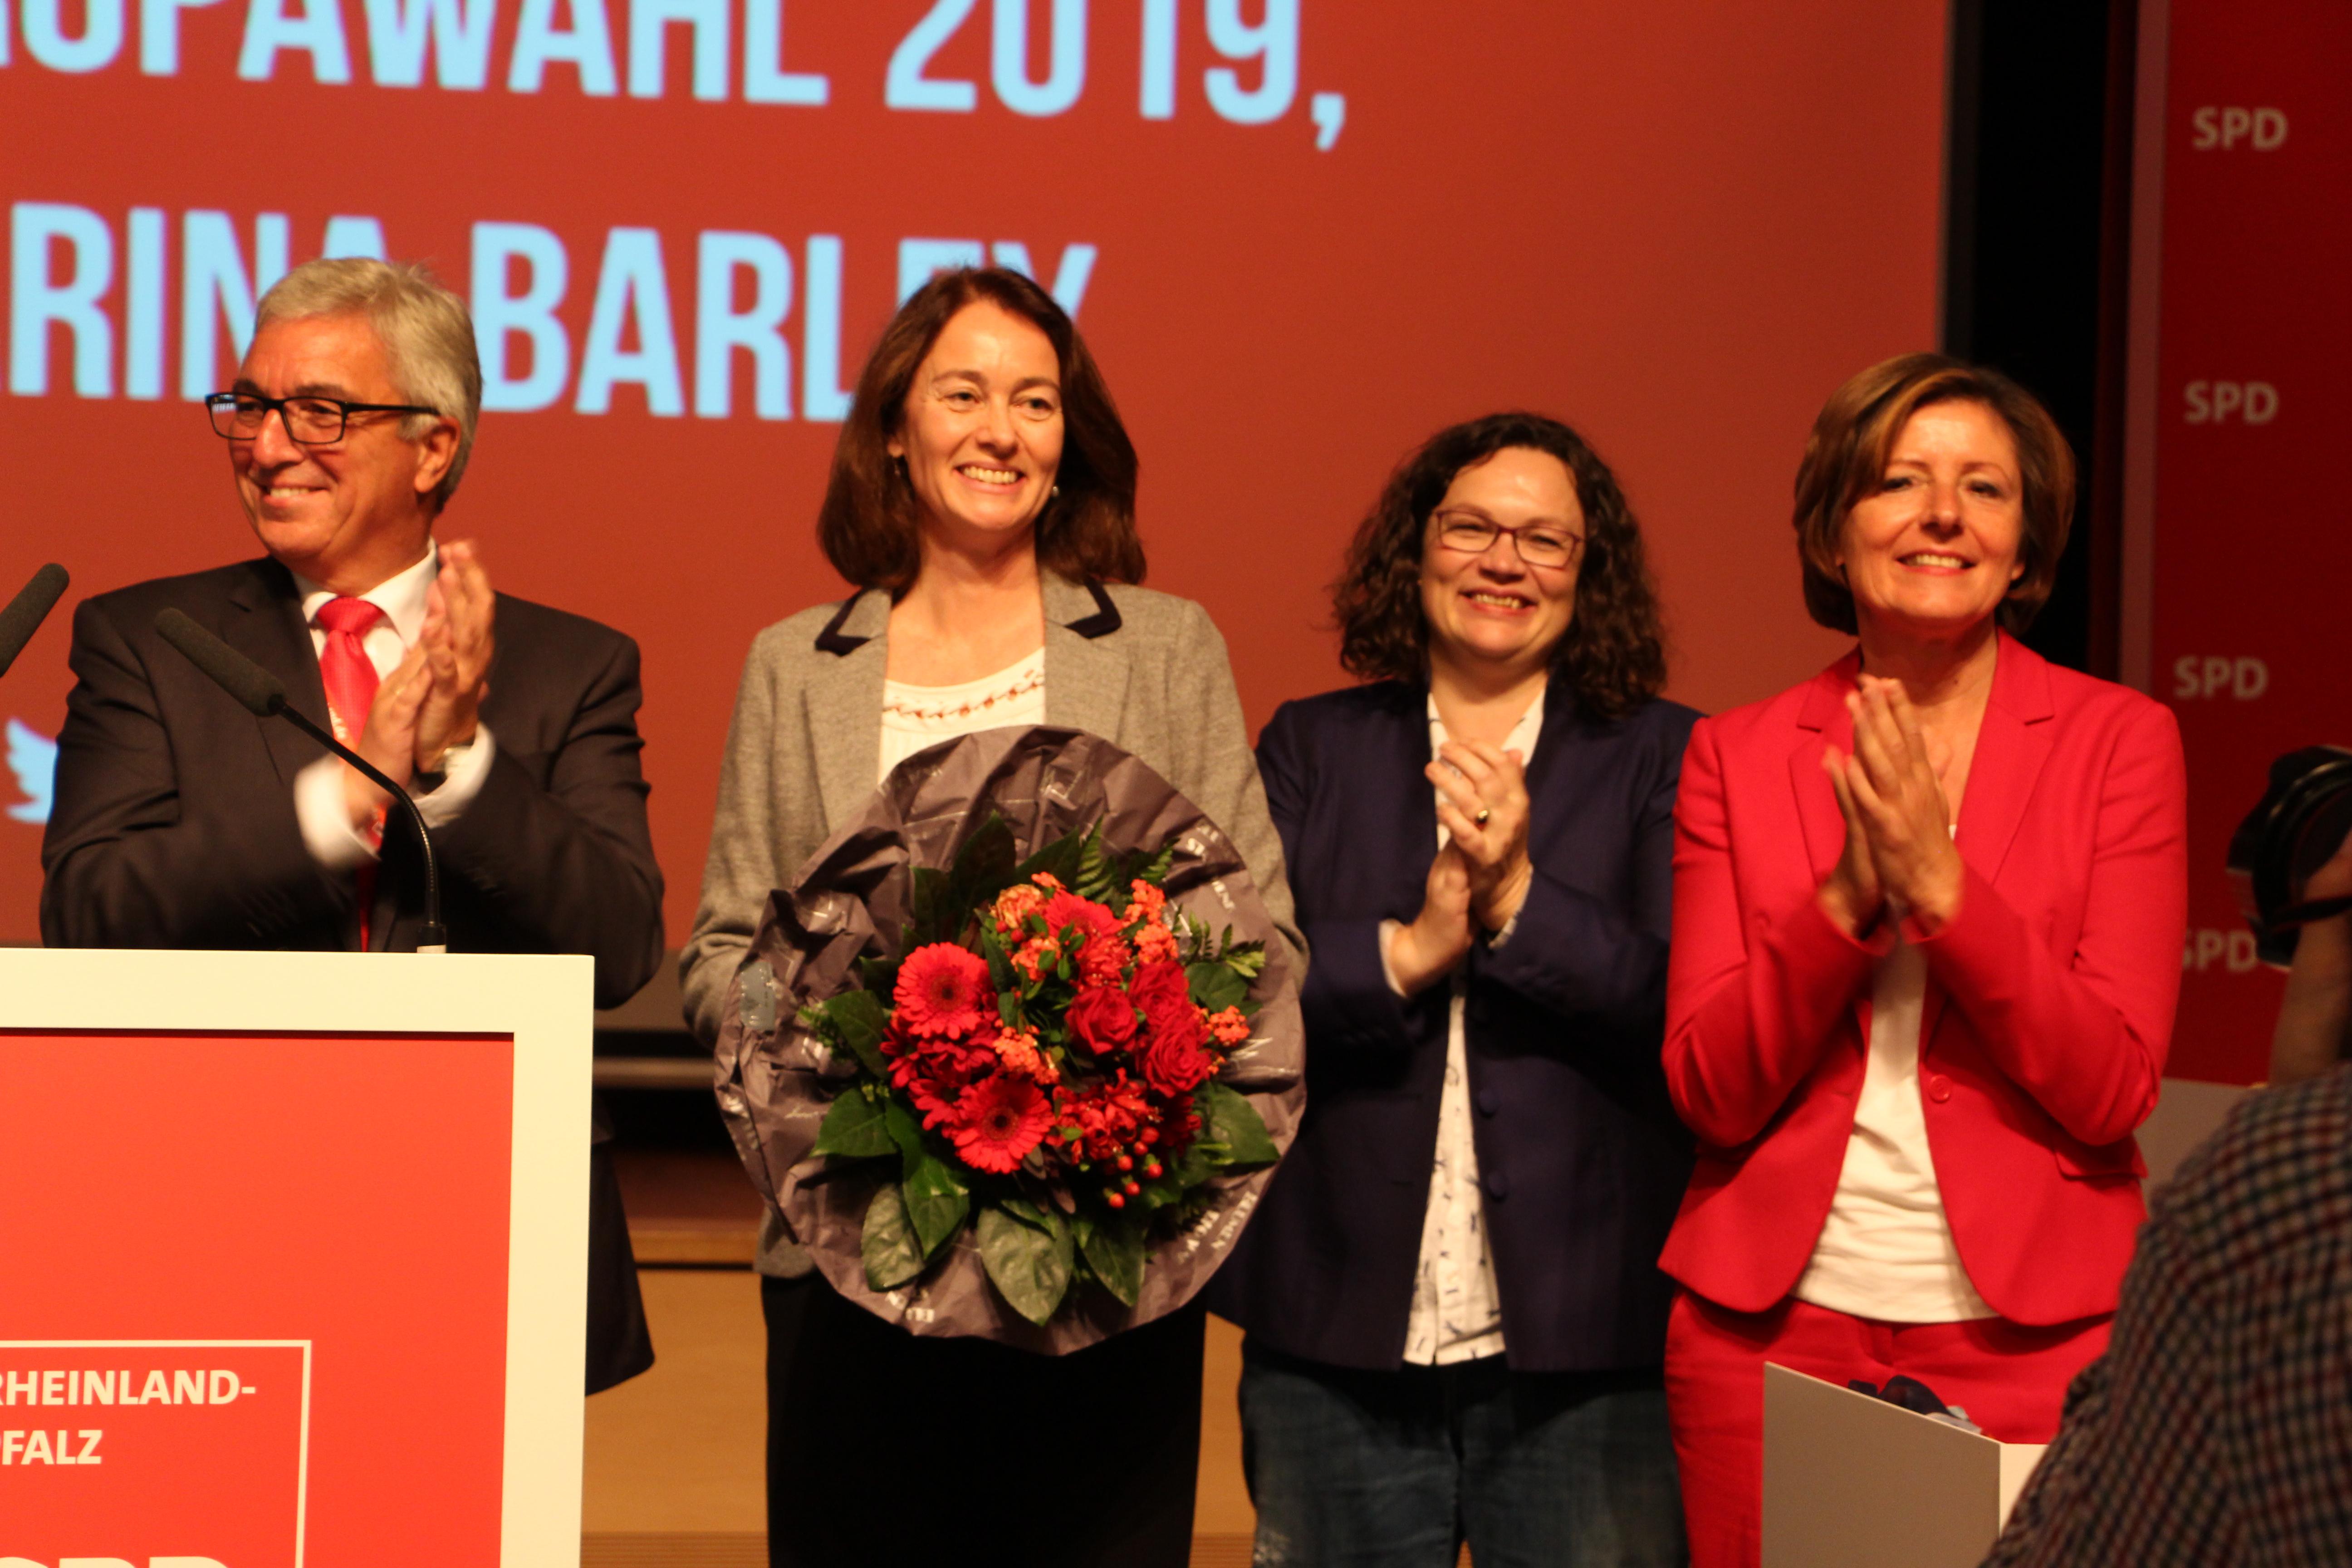 Katarina Barley ist Europa-Spitzenkandidatin der SPD